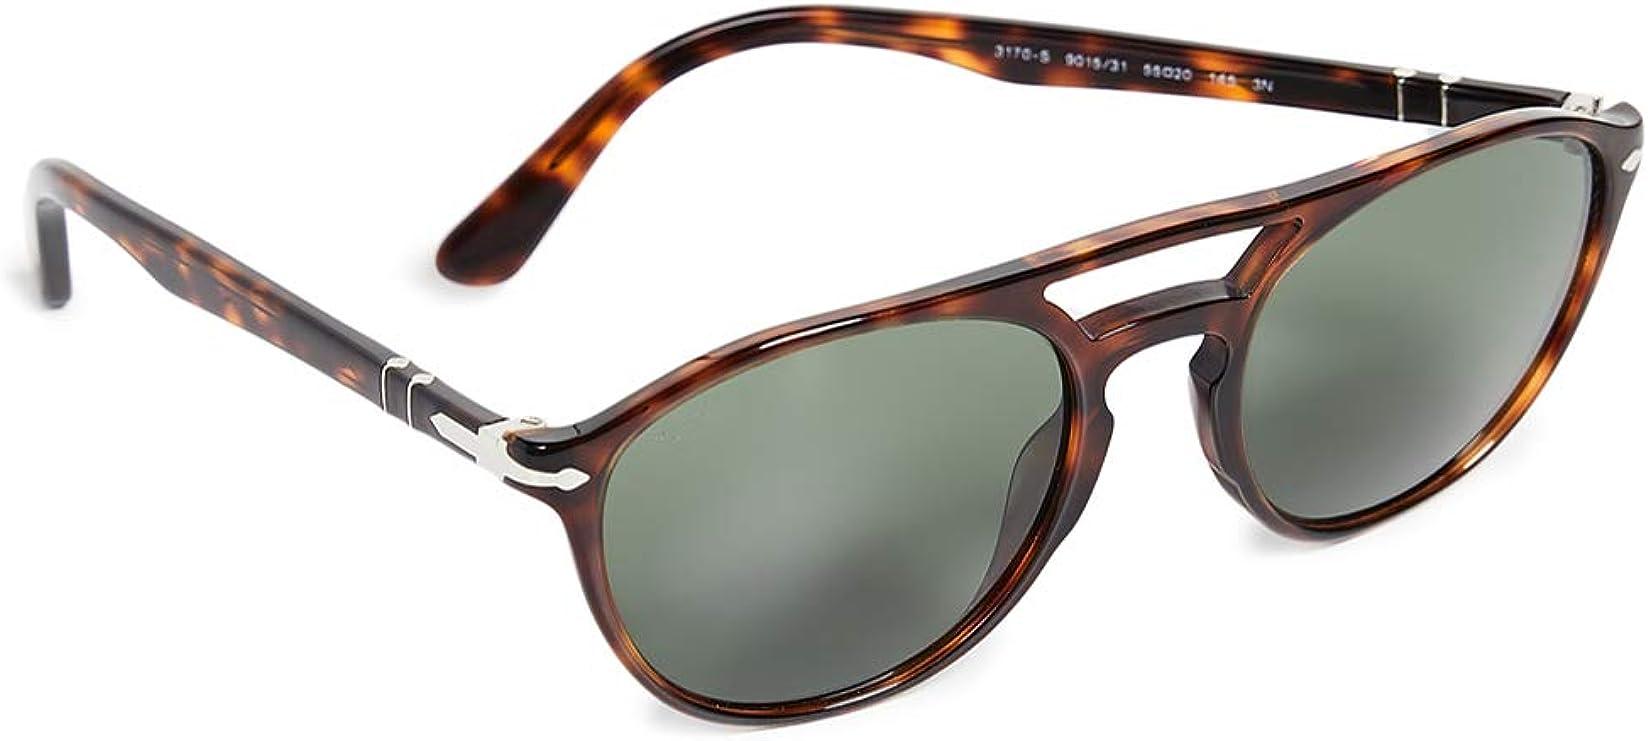 Persol 3170, Gafas de Sol Unisex-Adulto